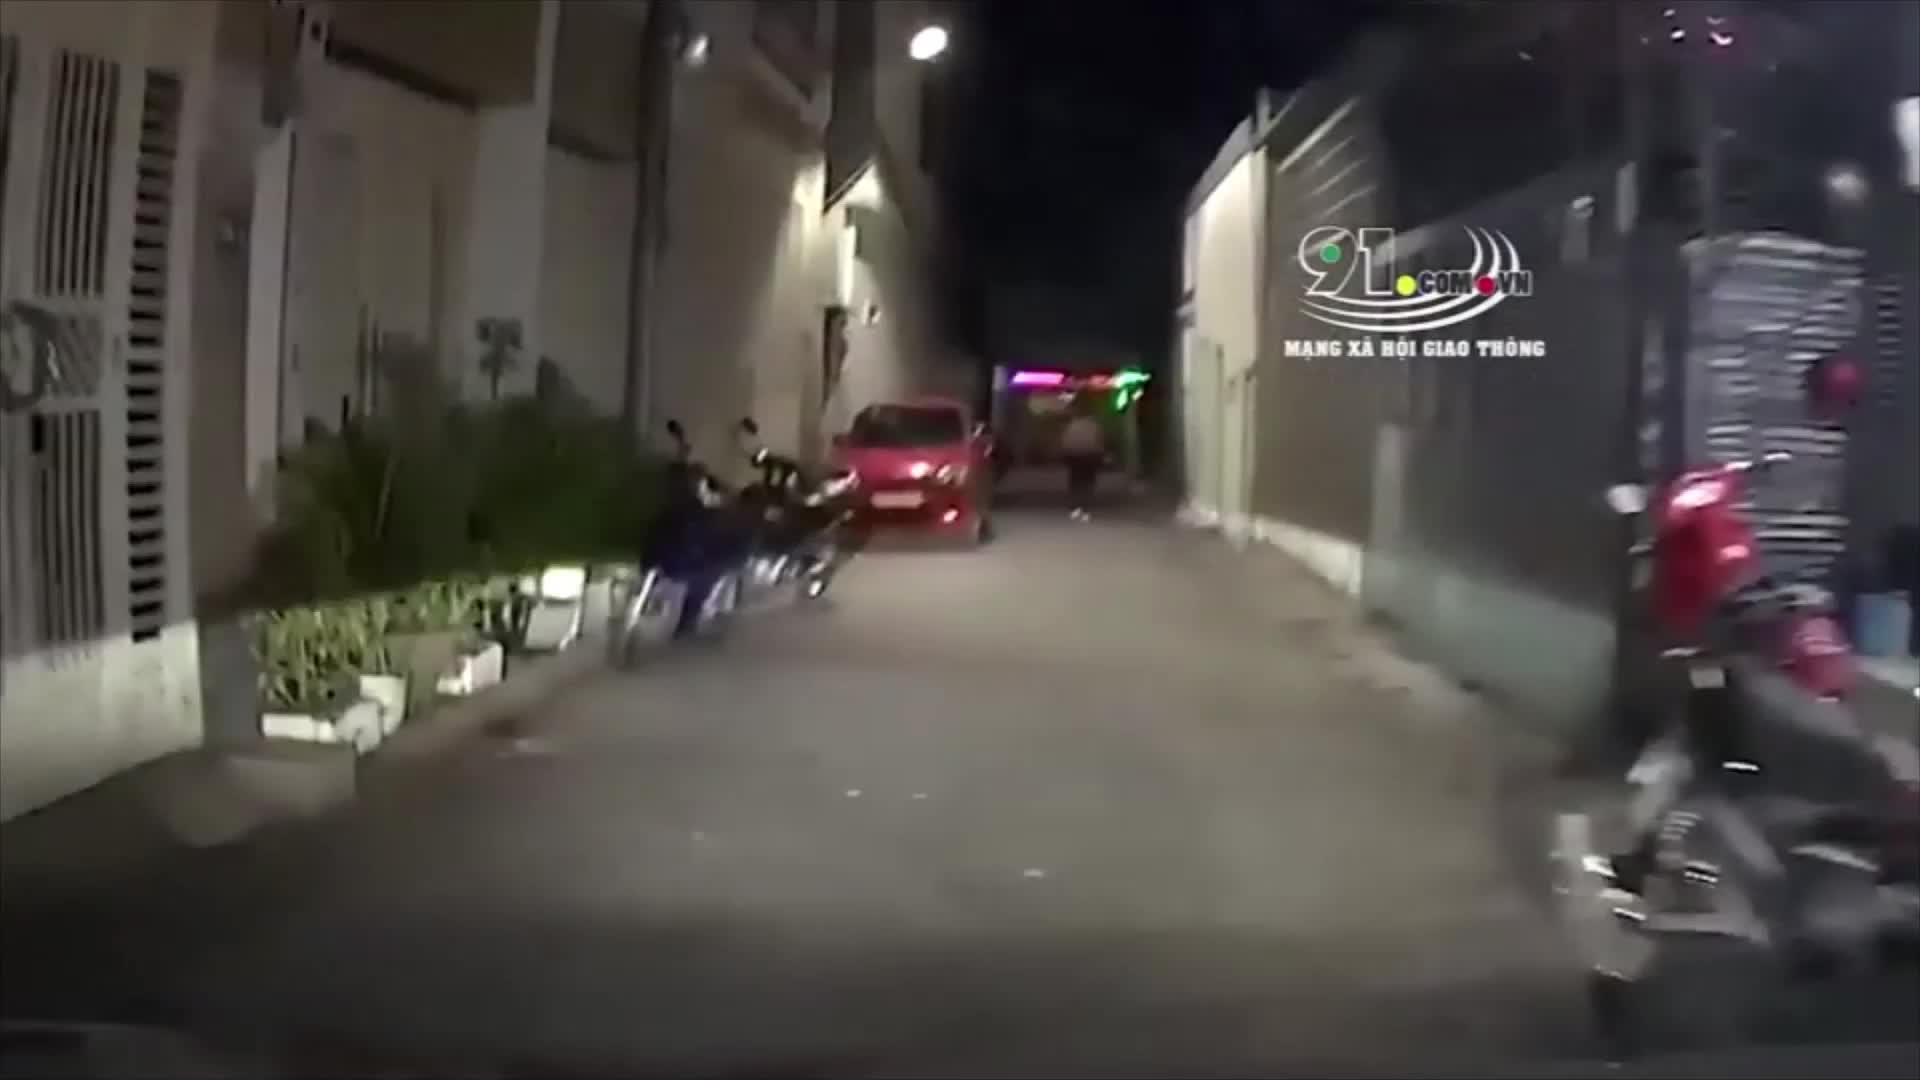 Người phụ nữ cố tình chặn đầu trước ô tô